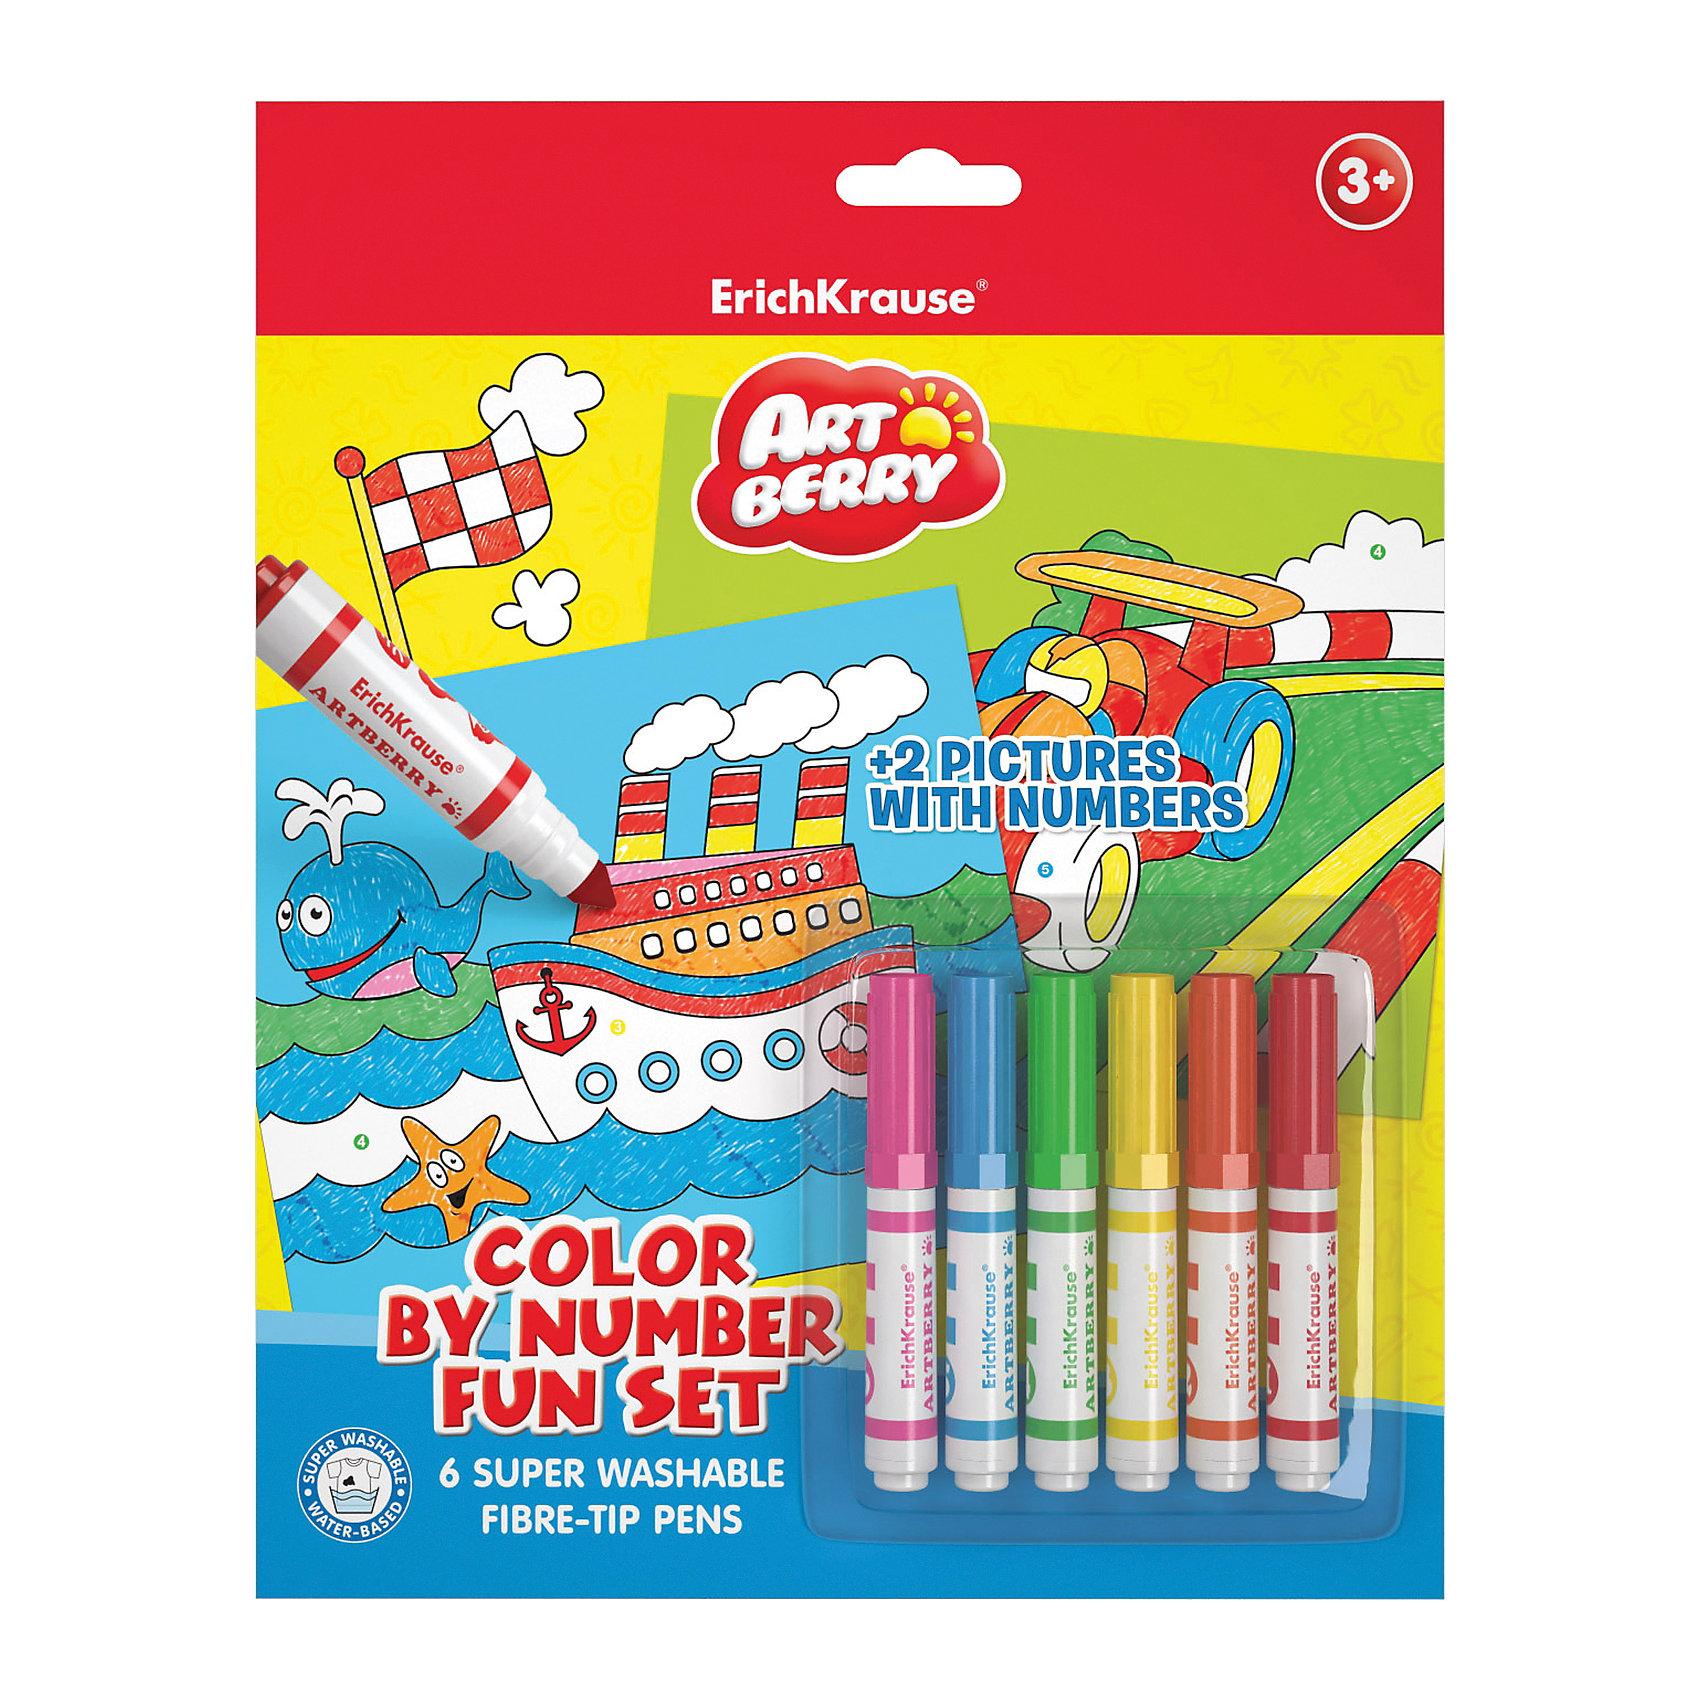 Набор для раскрашивания по номерам для мальчиков, ArtBerryНабор для раскрашивания по номерам для мальчиков, ArtBerry<br><br>Характеристики:<br><br>• В набор входит: 2 раскраски, 6 фломастеров<br>• Размер упаковки: 29 * 1,5 * 23 см.<br>• Вес: 167 г.<br>• Для детей в возрасте: от 3 до 5 лет<br>• Страна производитель: Россия<br><br>Безопасные фломастеры на водной основе отлично смываются с рук и одежды. Они ярко рисуют без сильного нажима и легко помещаются в руку. Рисуя с раскрасками дети развивают моторику рук, творческие способности, учатся подбирать цветовую гамму. Дети запоминают формы, учатся как правильно рисовать фигуры, улучшают внимание, усидчивость, терпение, аккуратность и концентрацию. Выполняя каждую раскраску растёт и самооценка ребёнка, так как он сам справился с работой и довёл её до конца.<br><br>Набор для раскрашивания по номерам для мальчиков, ArtBerry можно купить в нашем интернет-магазине.<br><br>Ширина мм: 230<br>Глубина мм: 290<br>Высота мм: 15<br>Вес г: 167<br>Возраст от месяцев: 60<br>Возраст до месяцев: 216<br>Пол: Мужской<br>Возраст: Детский<br>SKU: 5409348